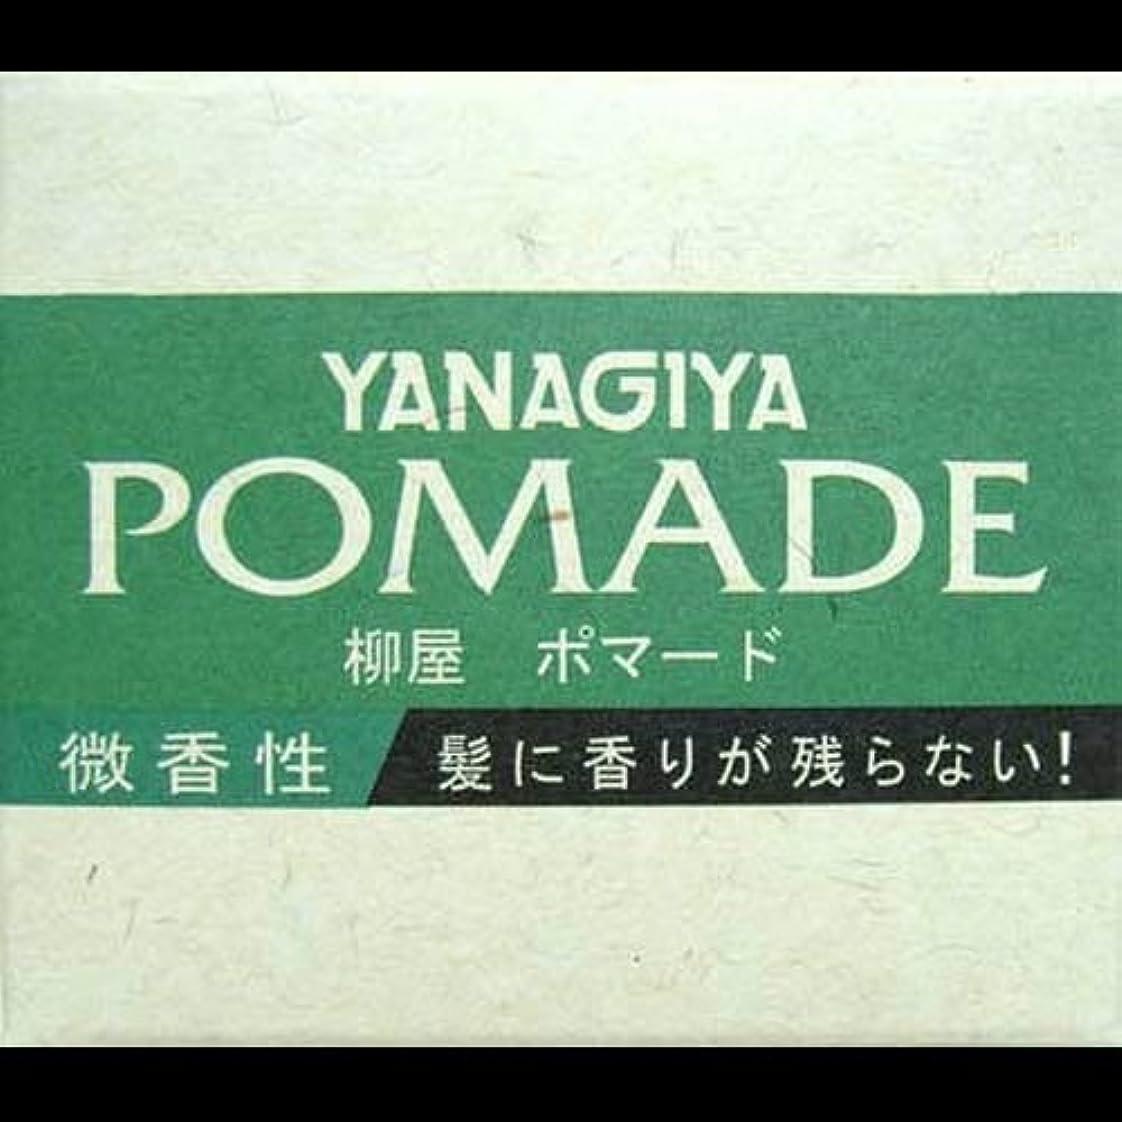 注釈ドットシミュレートする【まとめ買い】柳屋 ポマード微香性120g ×2セット